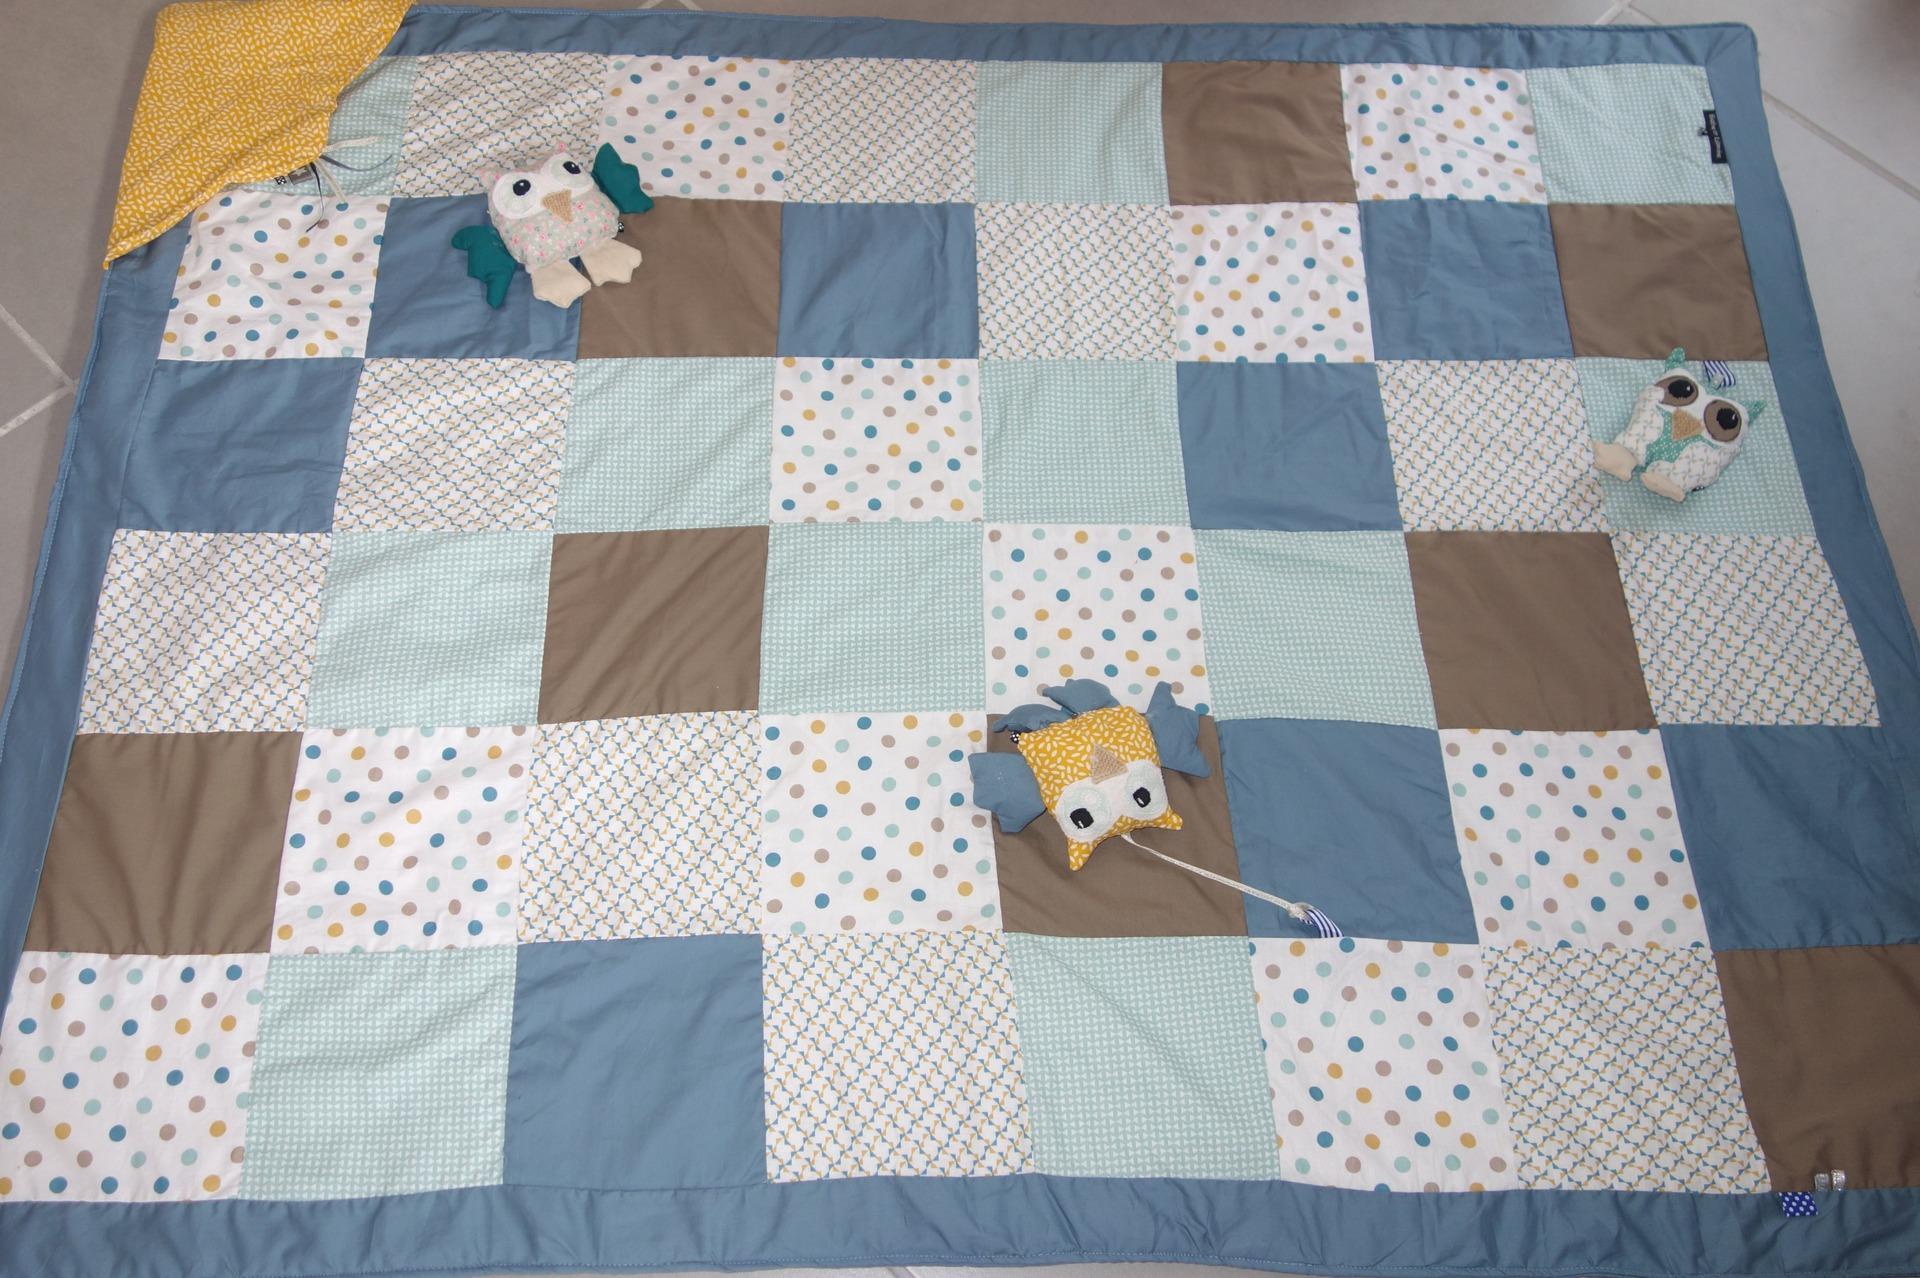 le grand tapis d eveil en patchwork avec ses petites chouettes